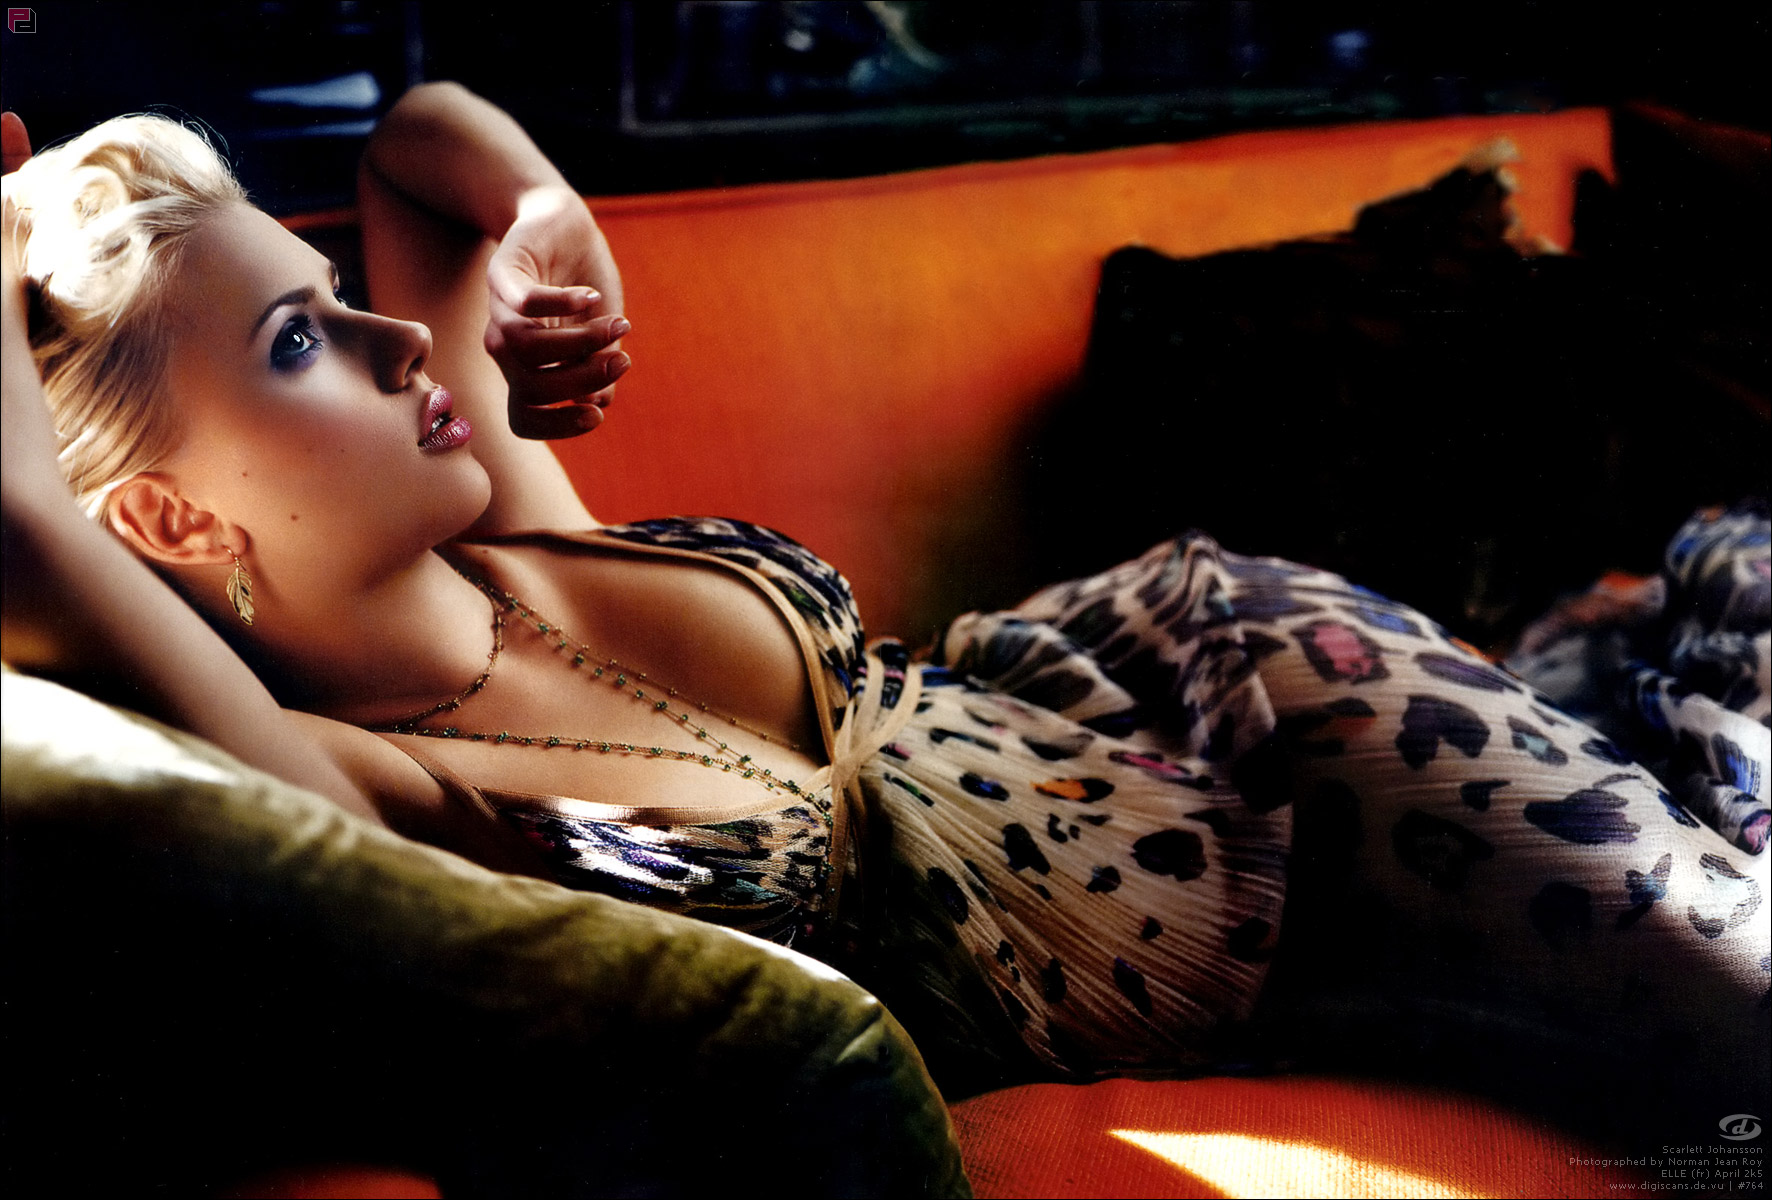 b02_digi_S764_Scarlett_Johansson.jpg